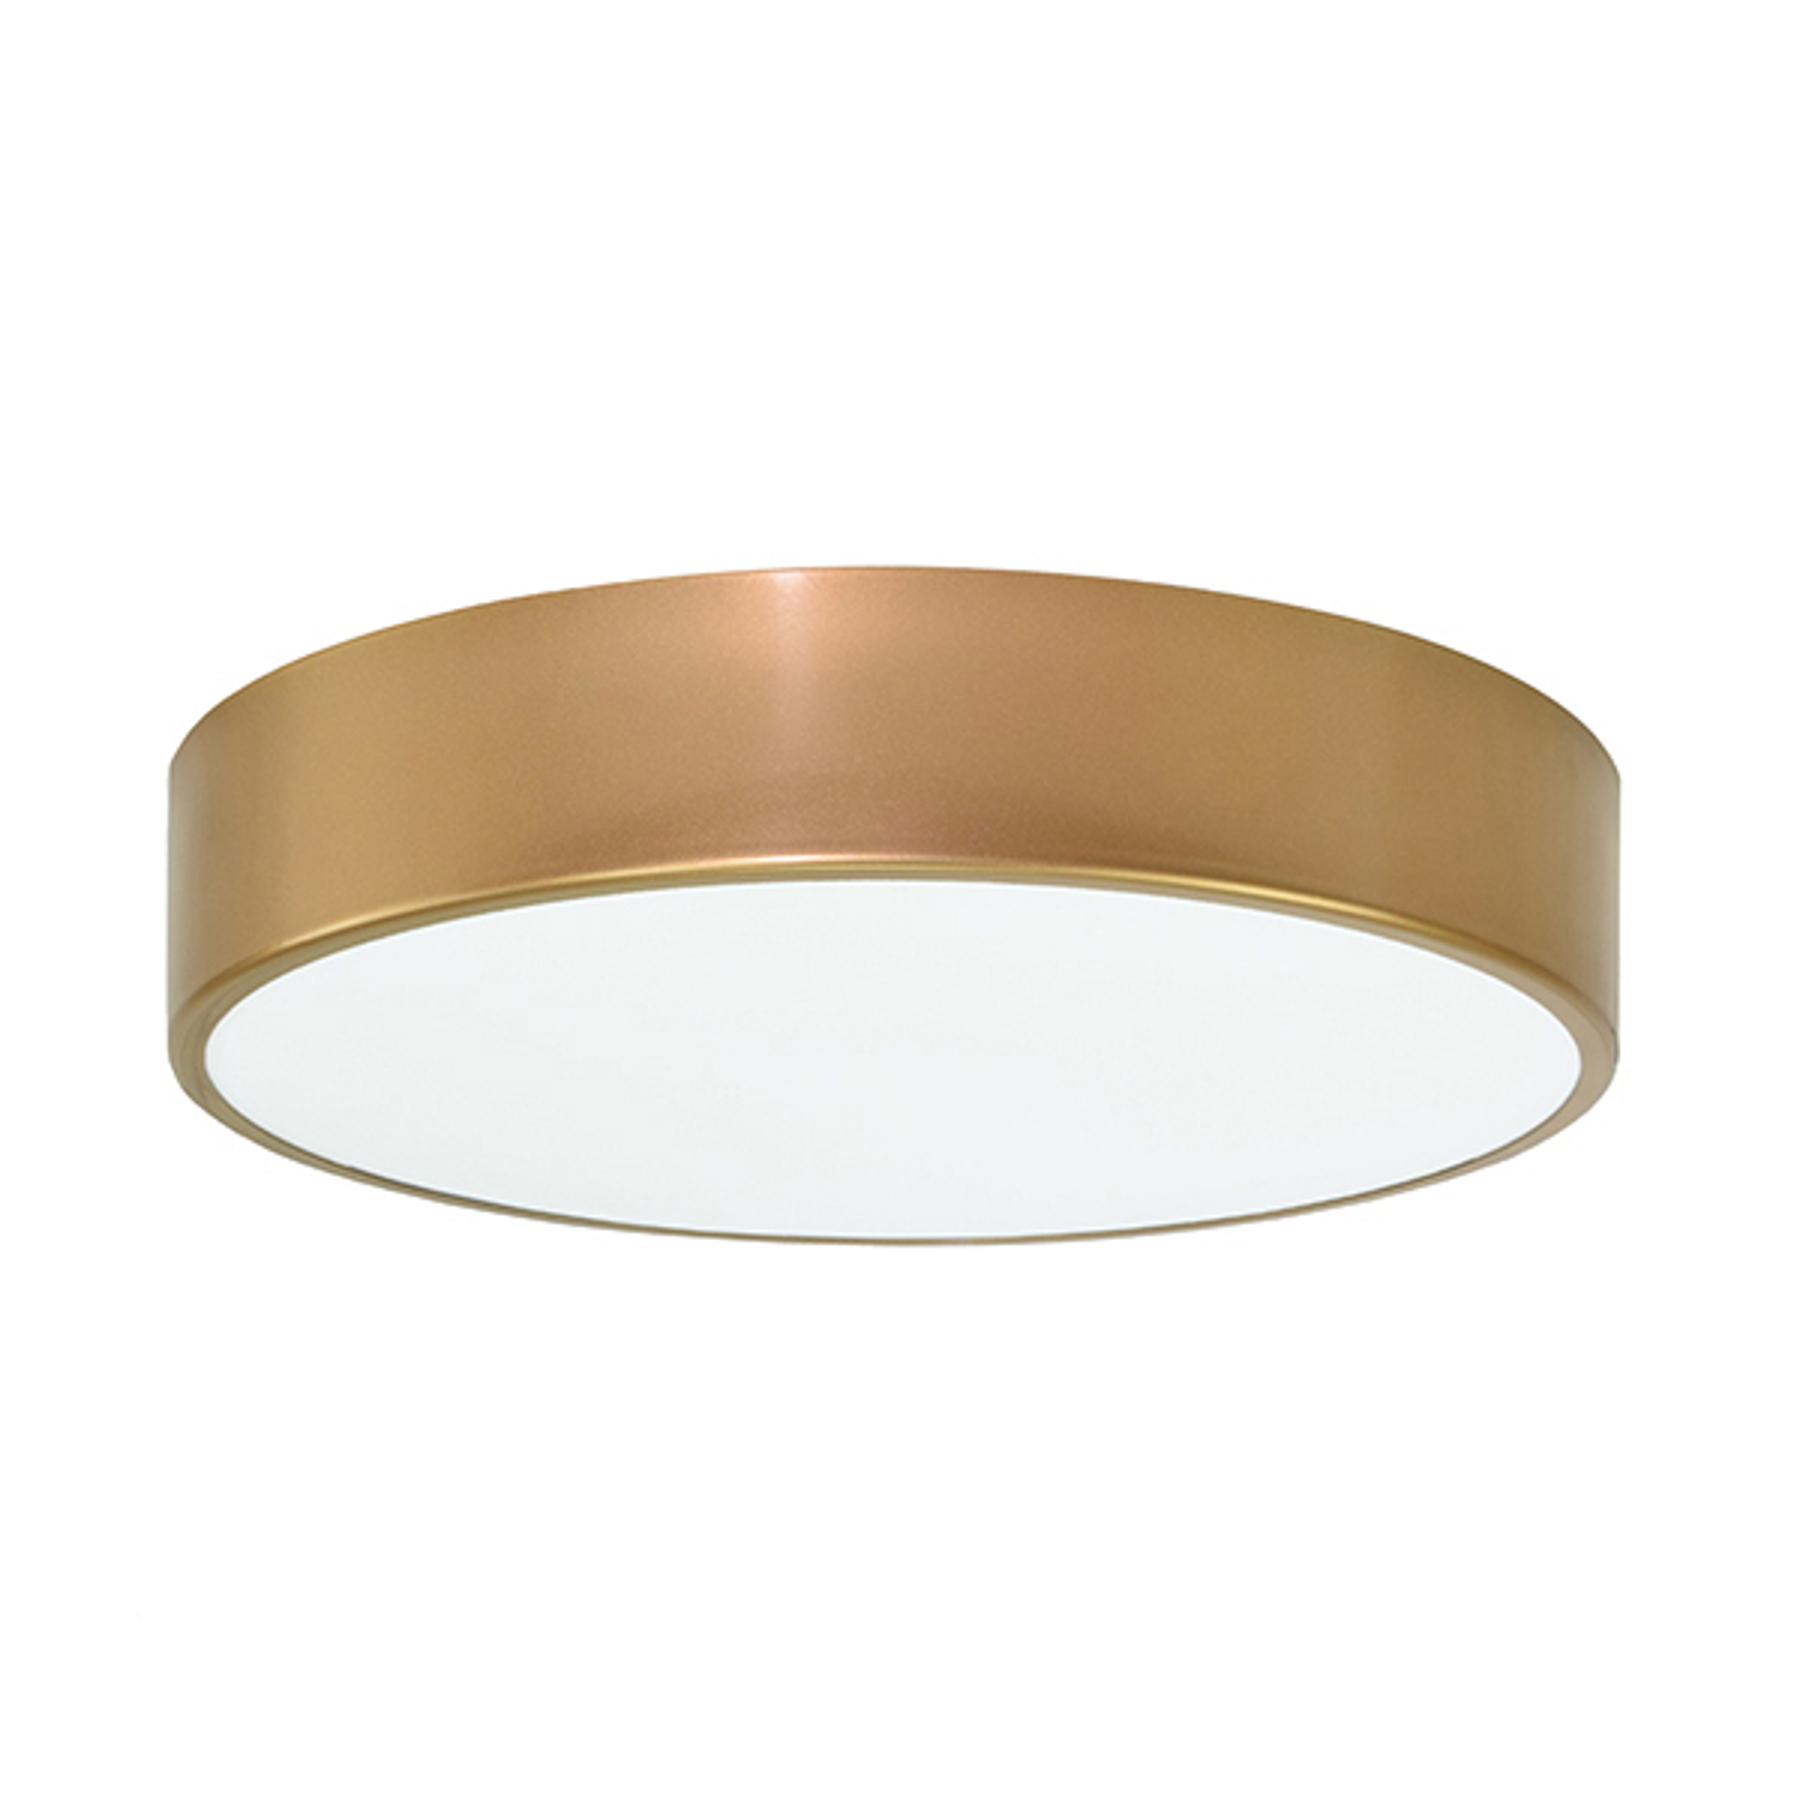 Deckenleuchte Cleo, Ø 40 cm, gold